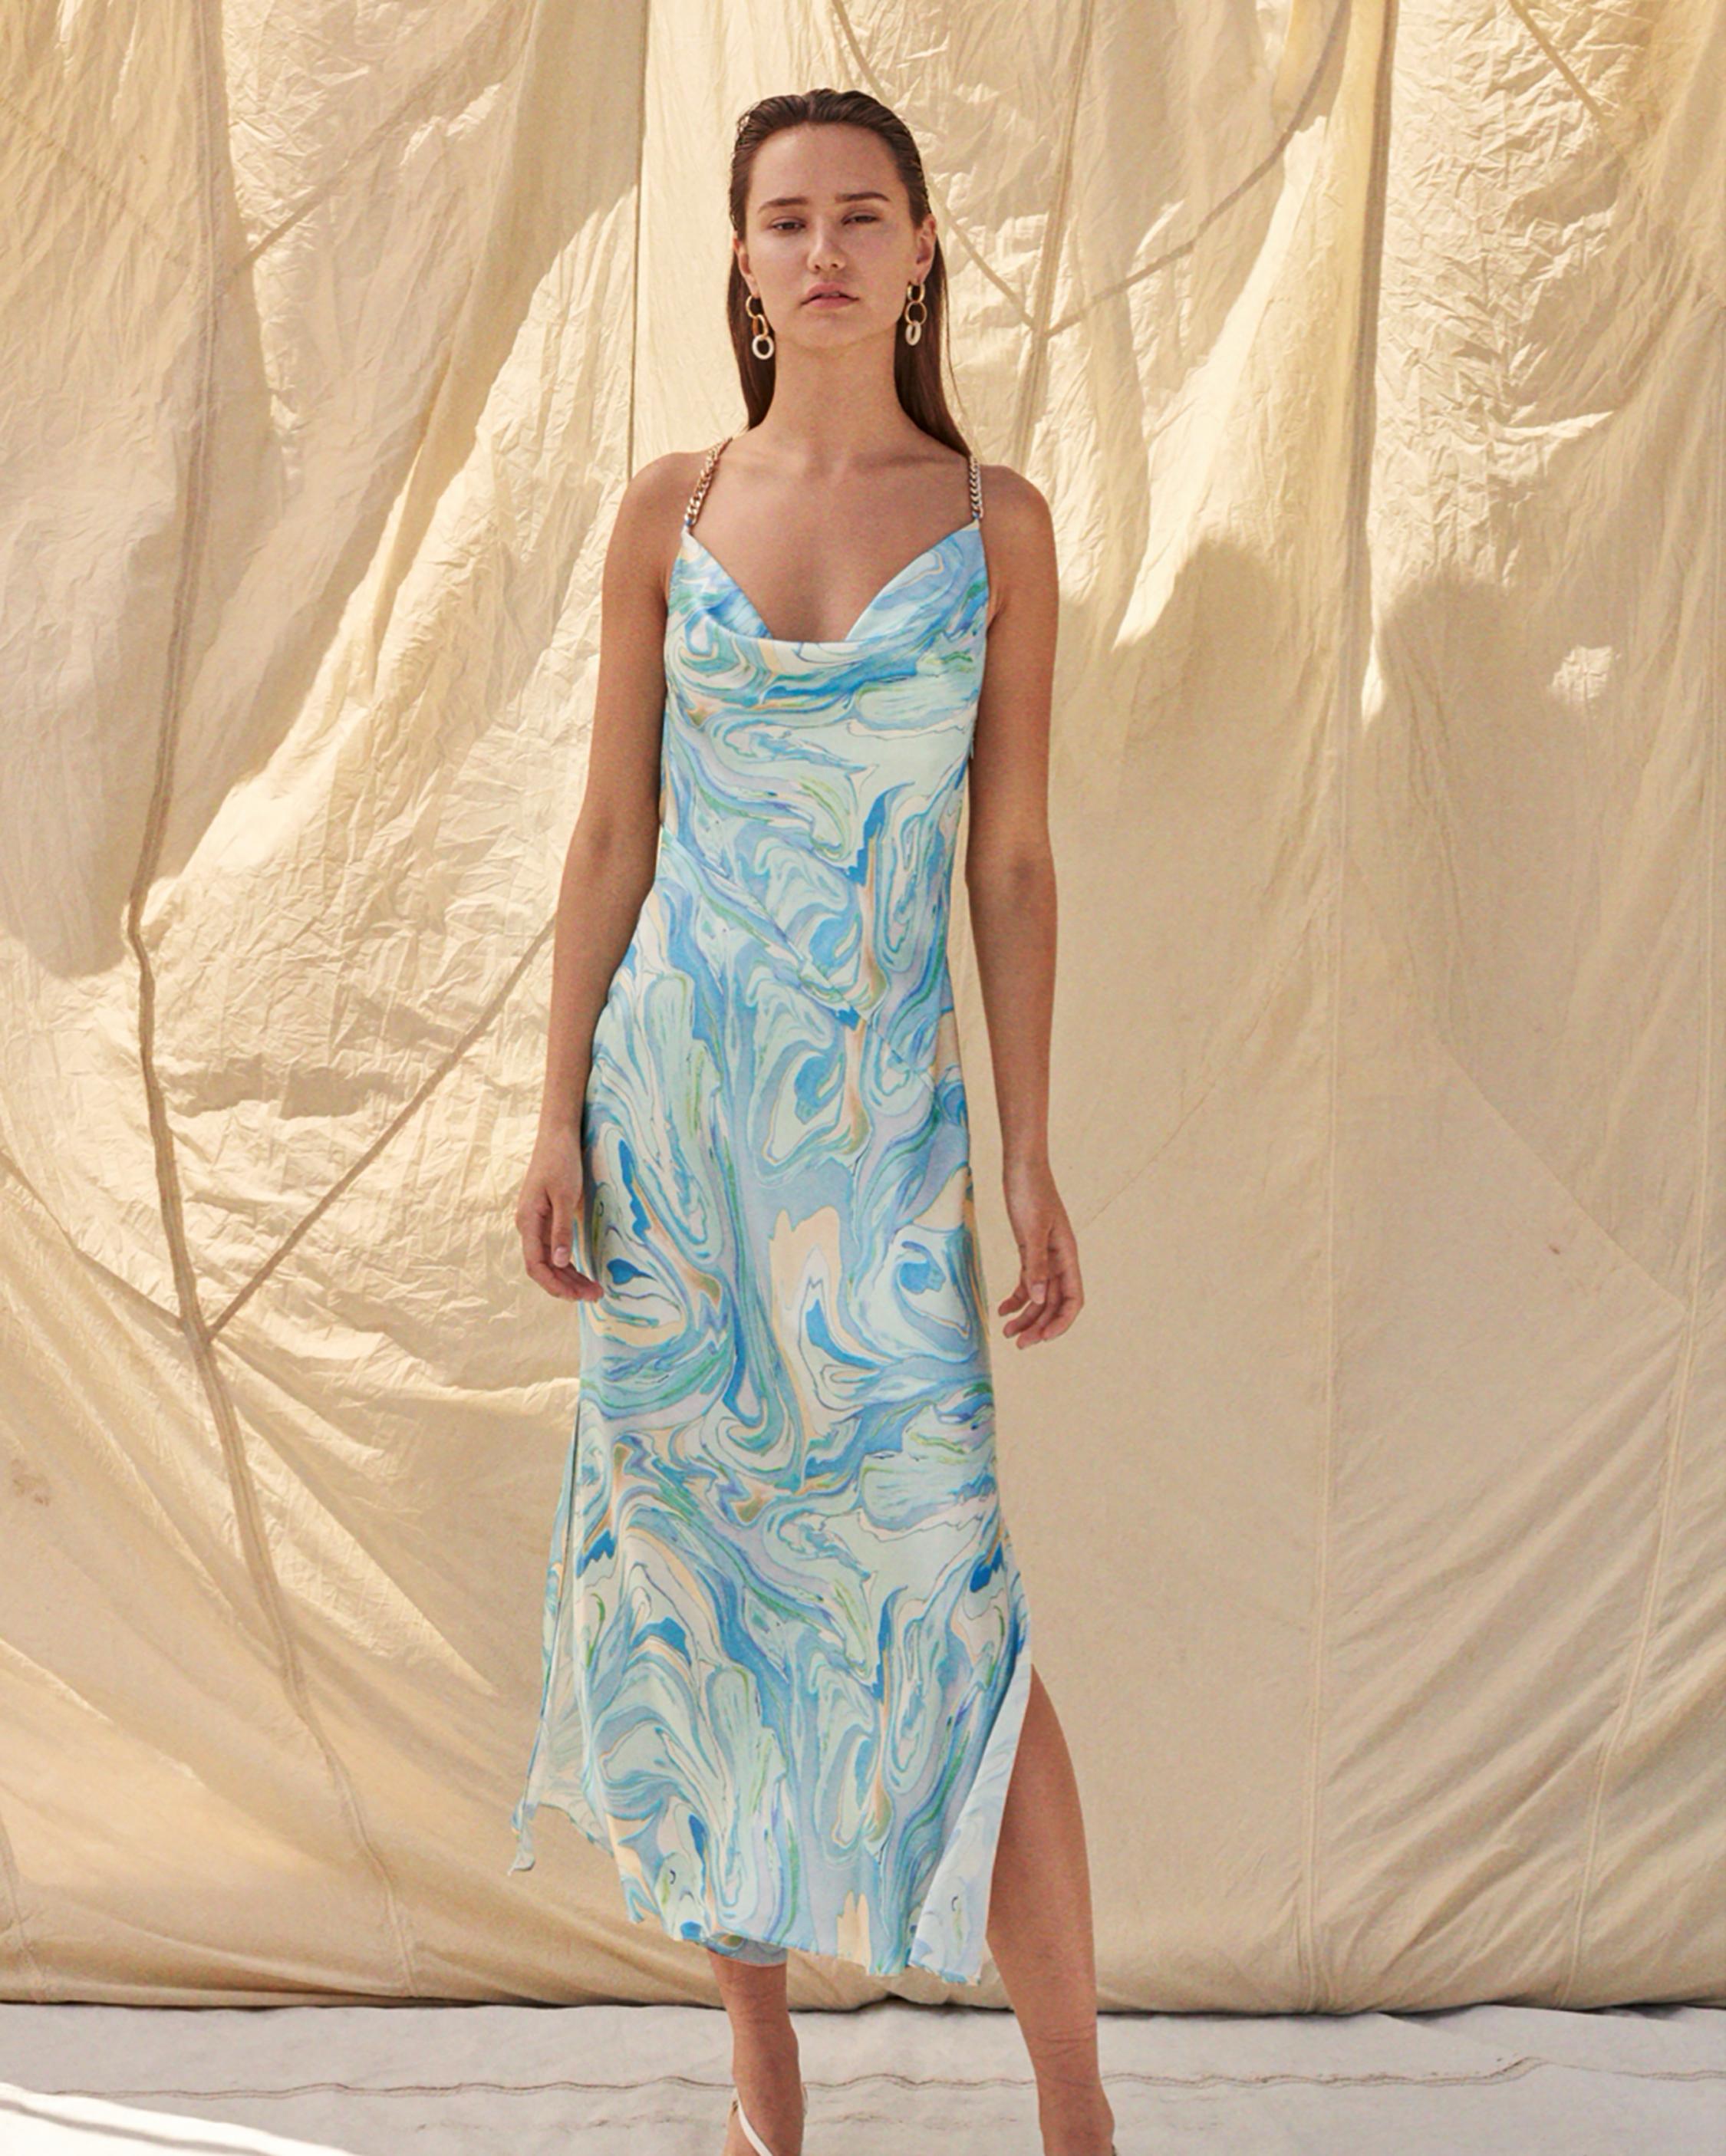 AIIFOS Molly Dress 4